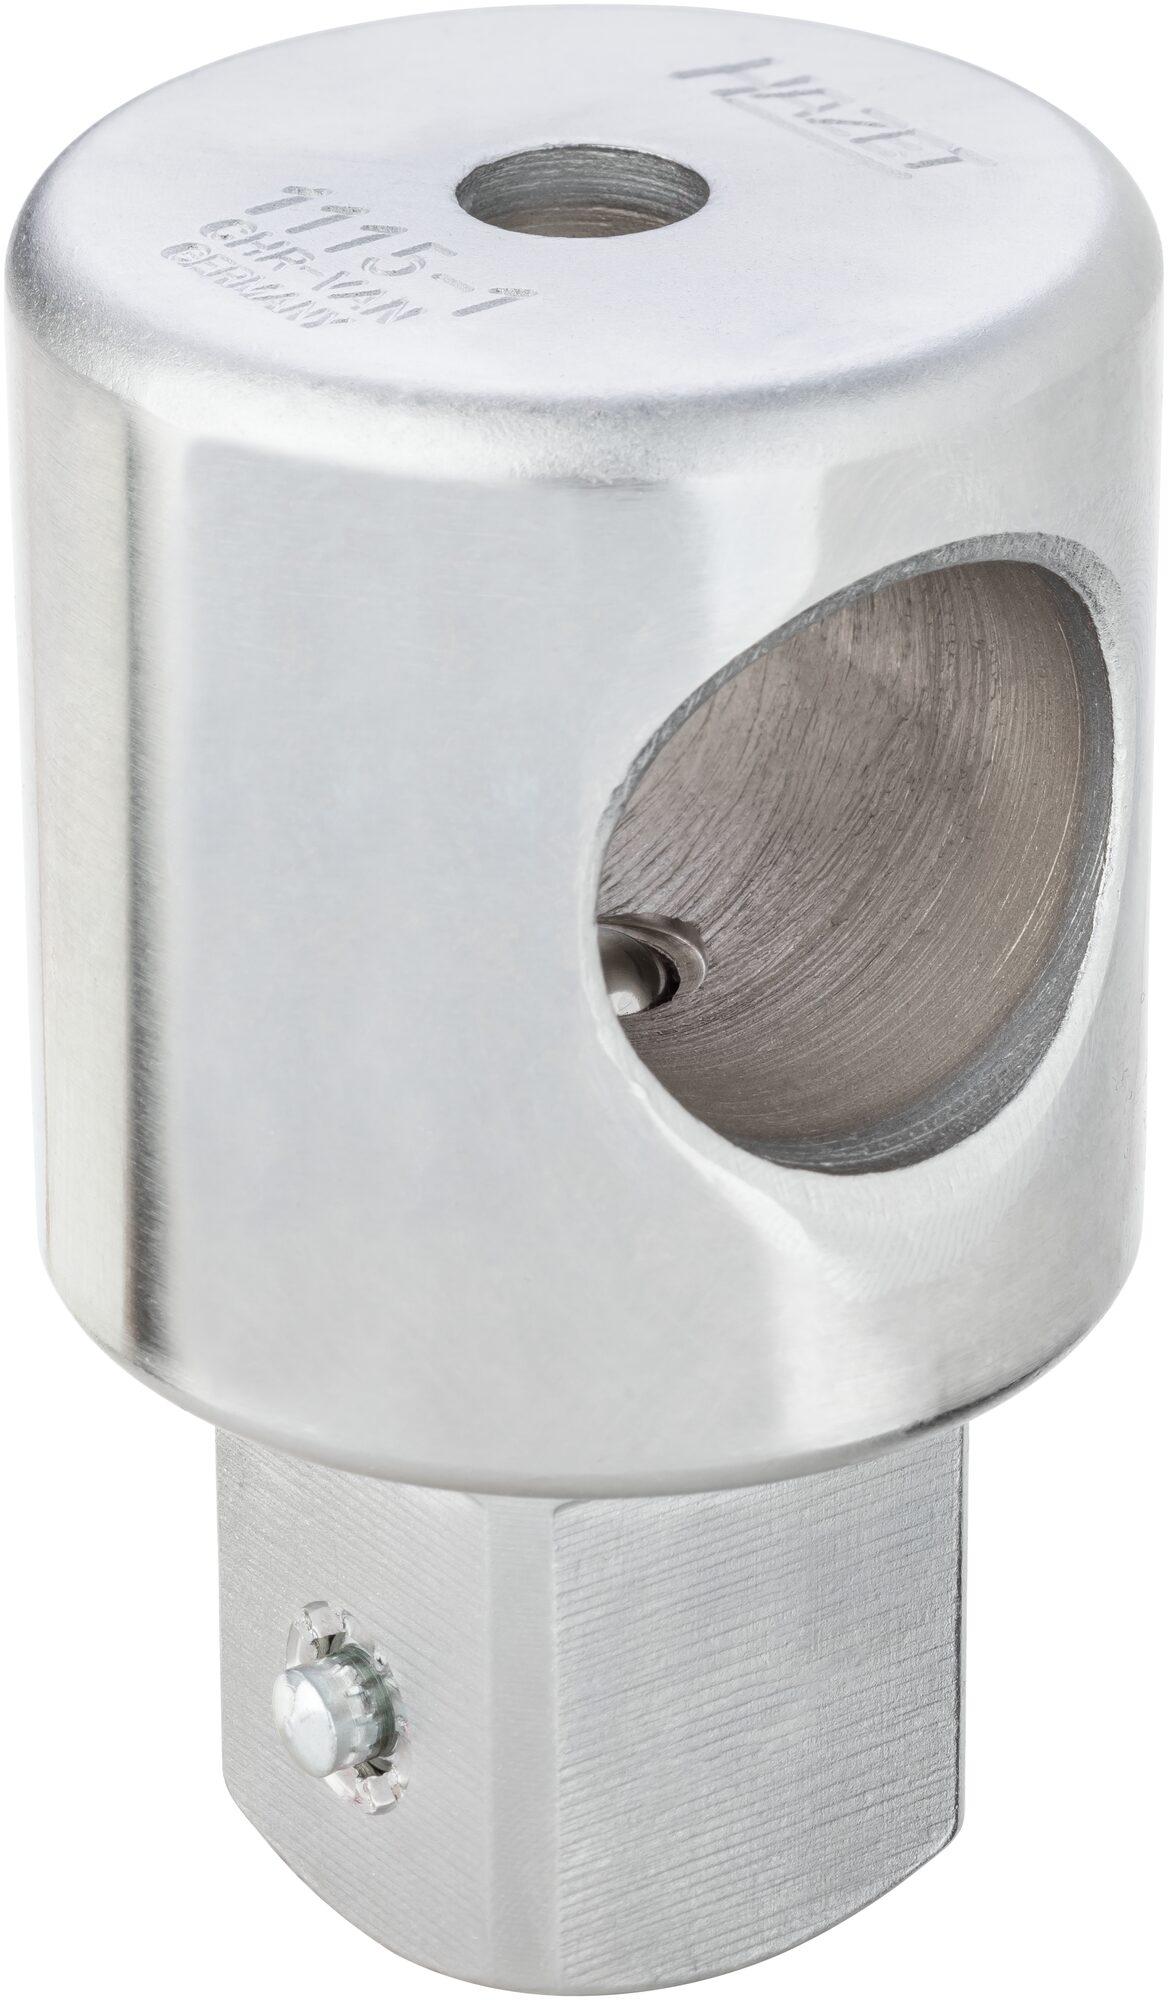 HAZET Schiebestück 1115-1 ∙ Vierkant massiv 25 mm (1 Zoll)